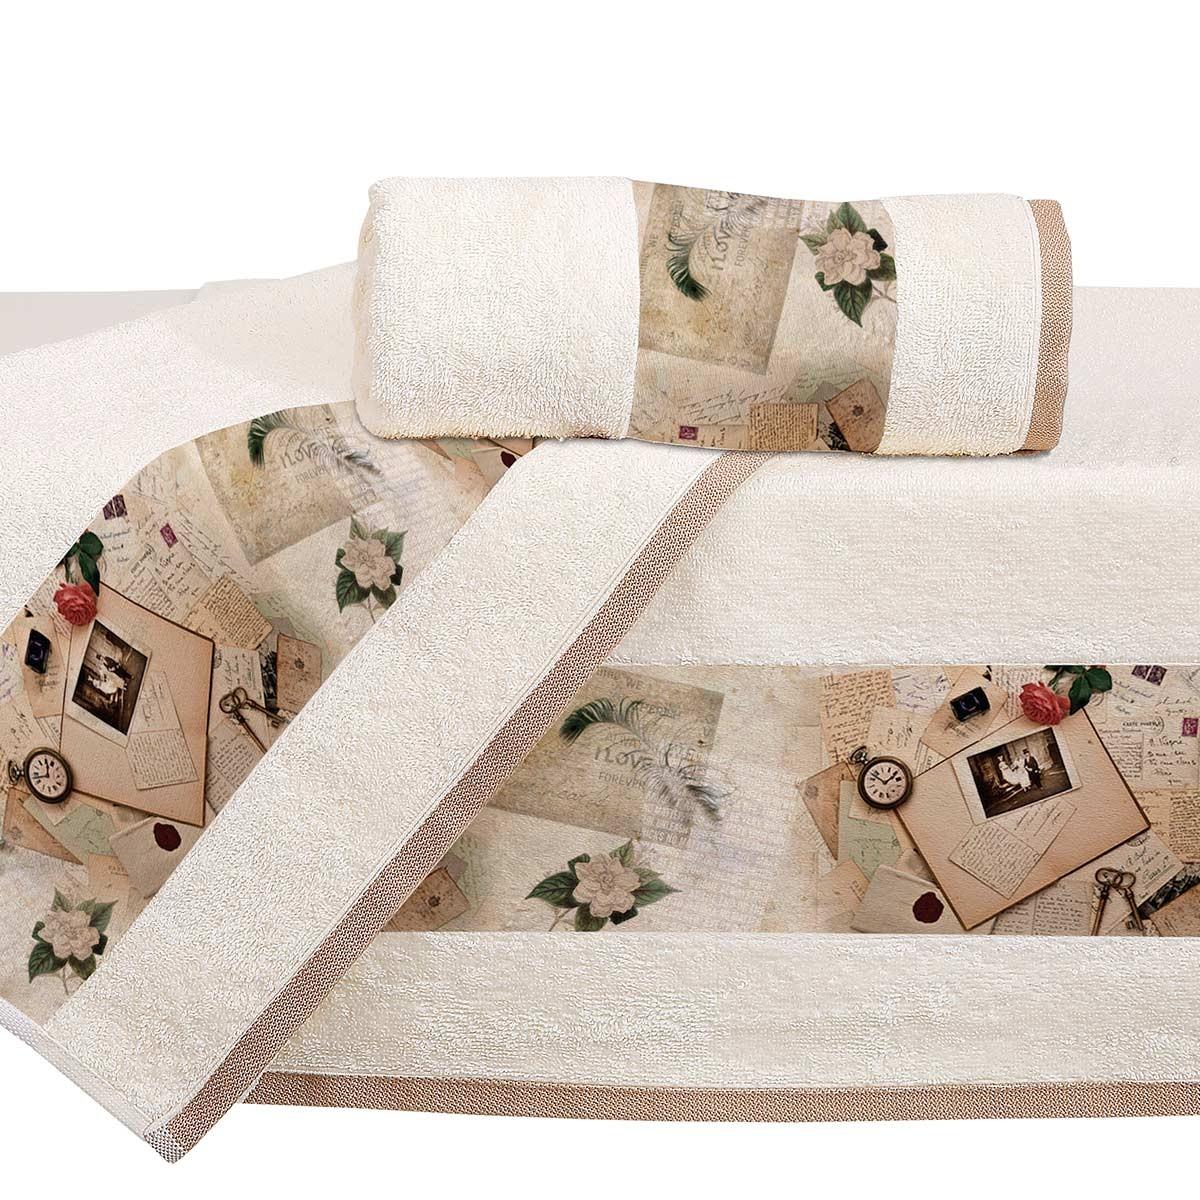 Πετσέτες Μπάνιου (Σετ 2τμχ) Viopros Digital 1309